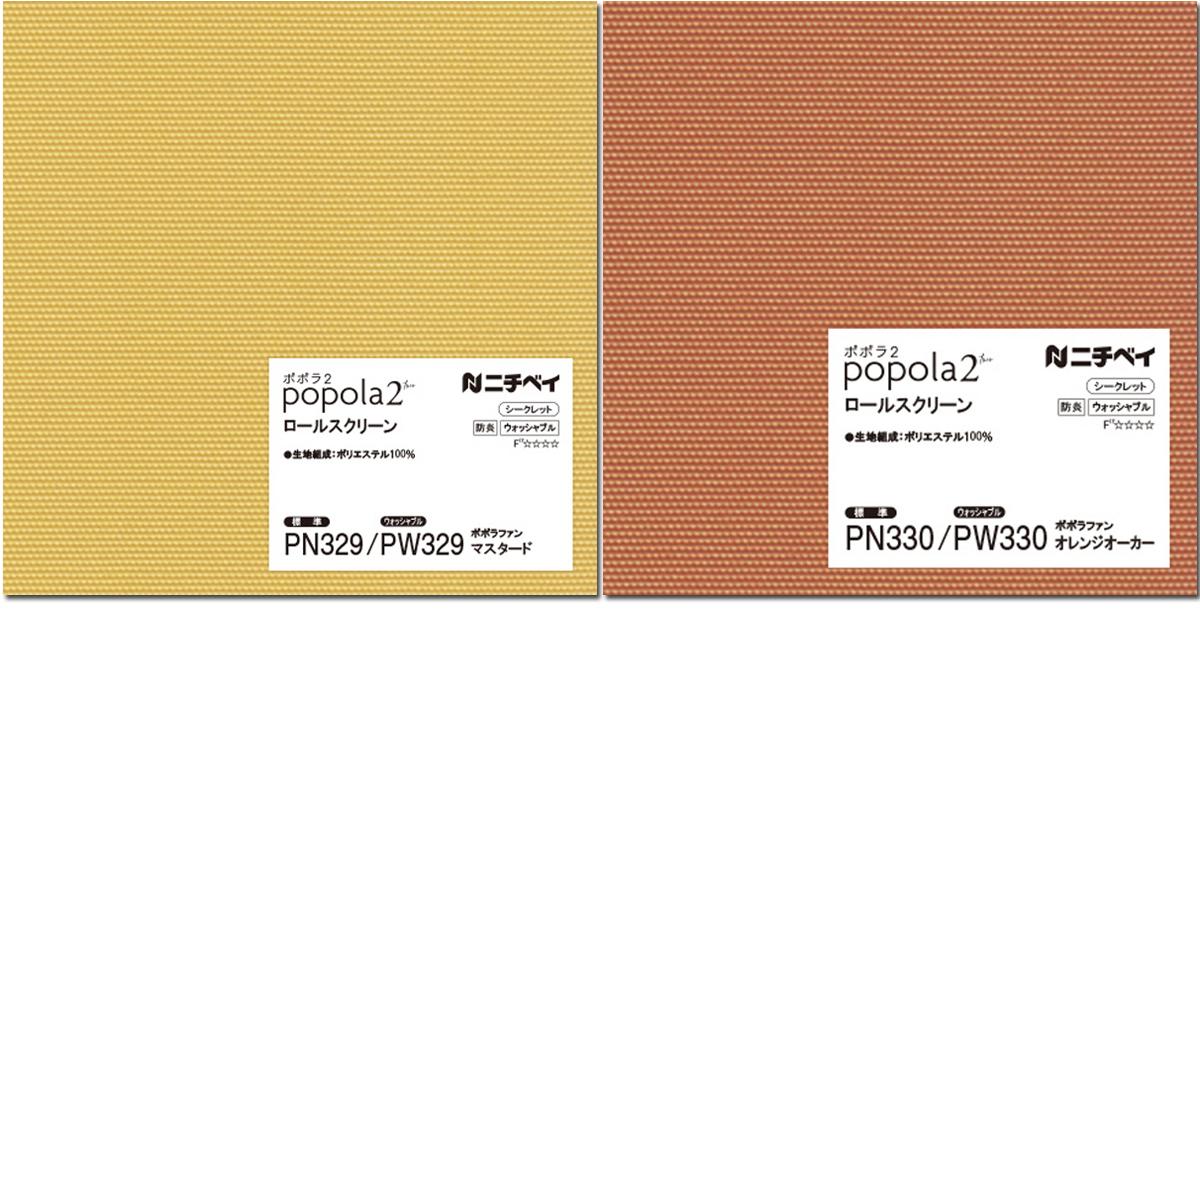 【ニチベイ】ロールスクリーン ポポラ2 ポポラファン 30色 ダブルタイプもあり ロールカーテン オーダーサイズ_画像10